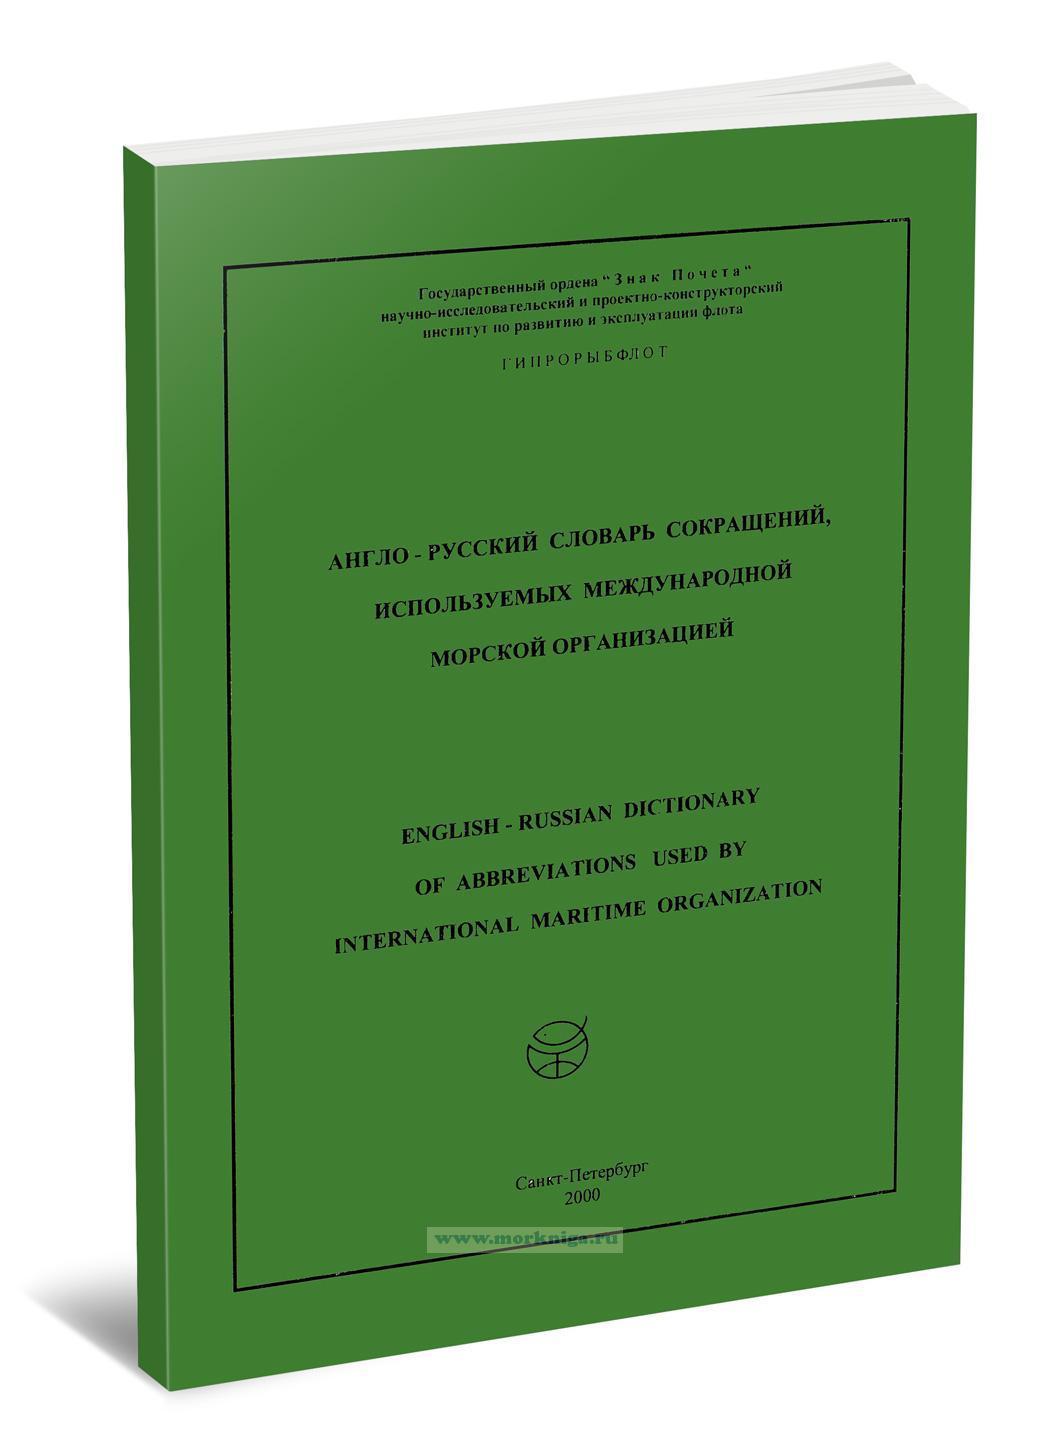 Англо-русский словарь сокращений, используемых международной морской организацией с дополнениями 2006 года (комплект из 2-х книг)